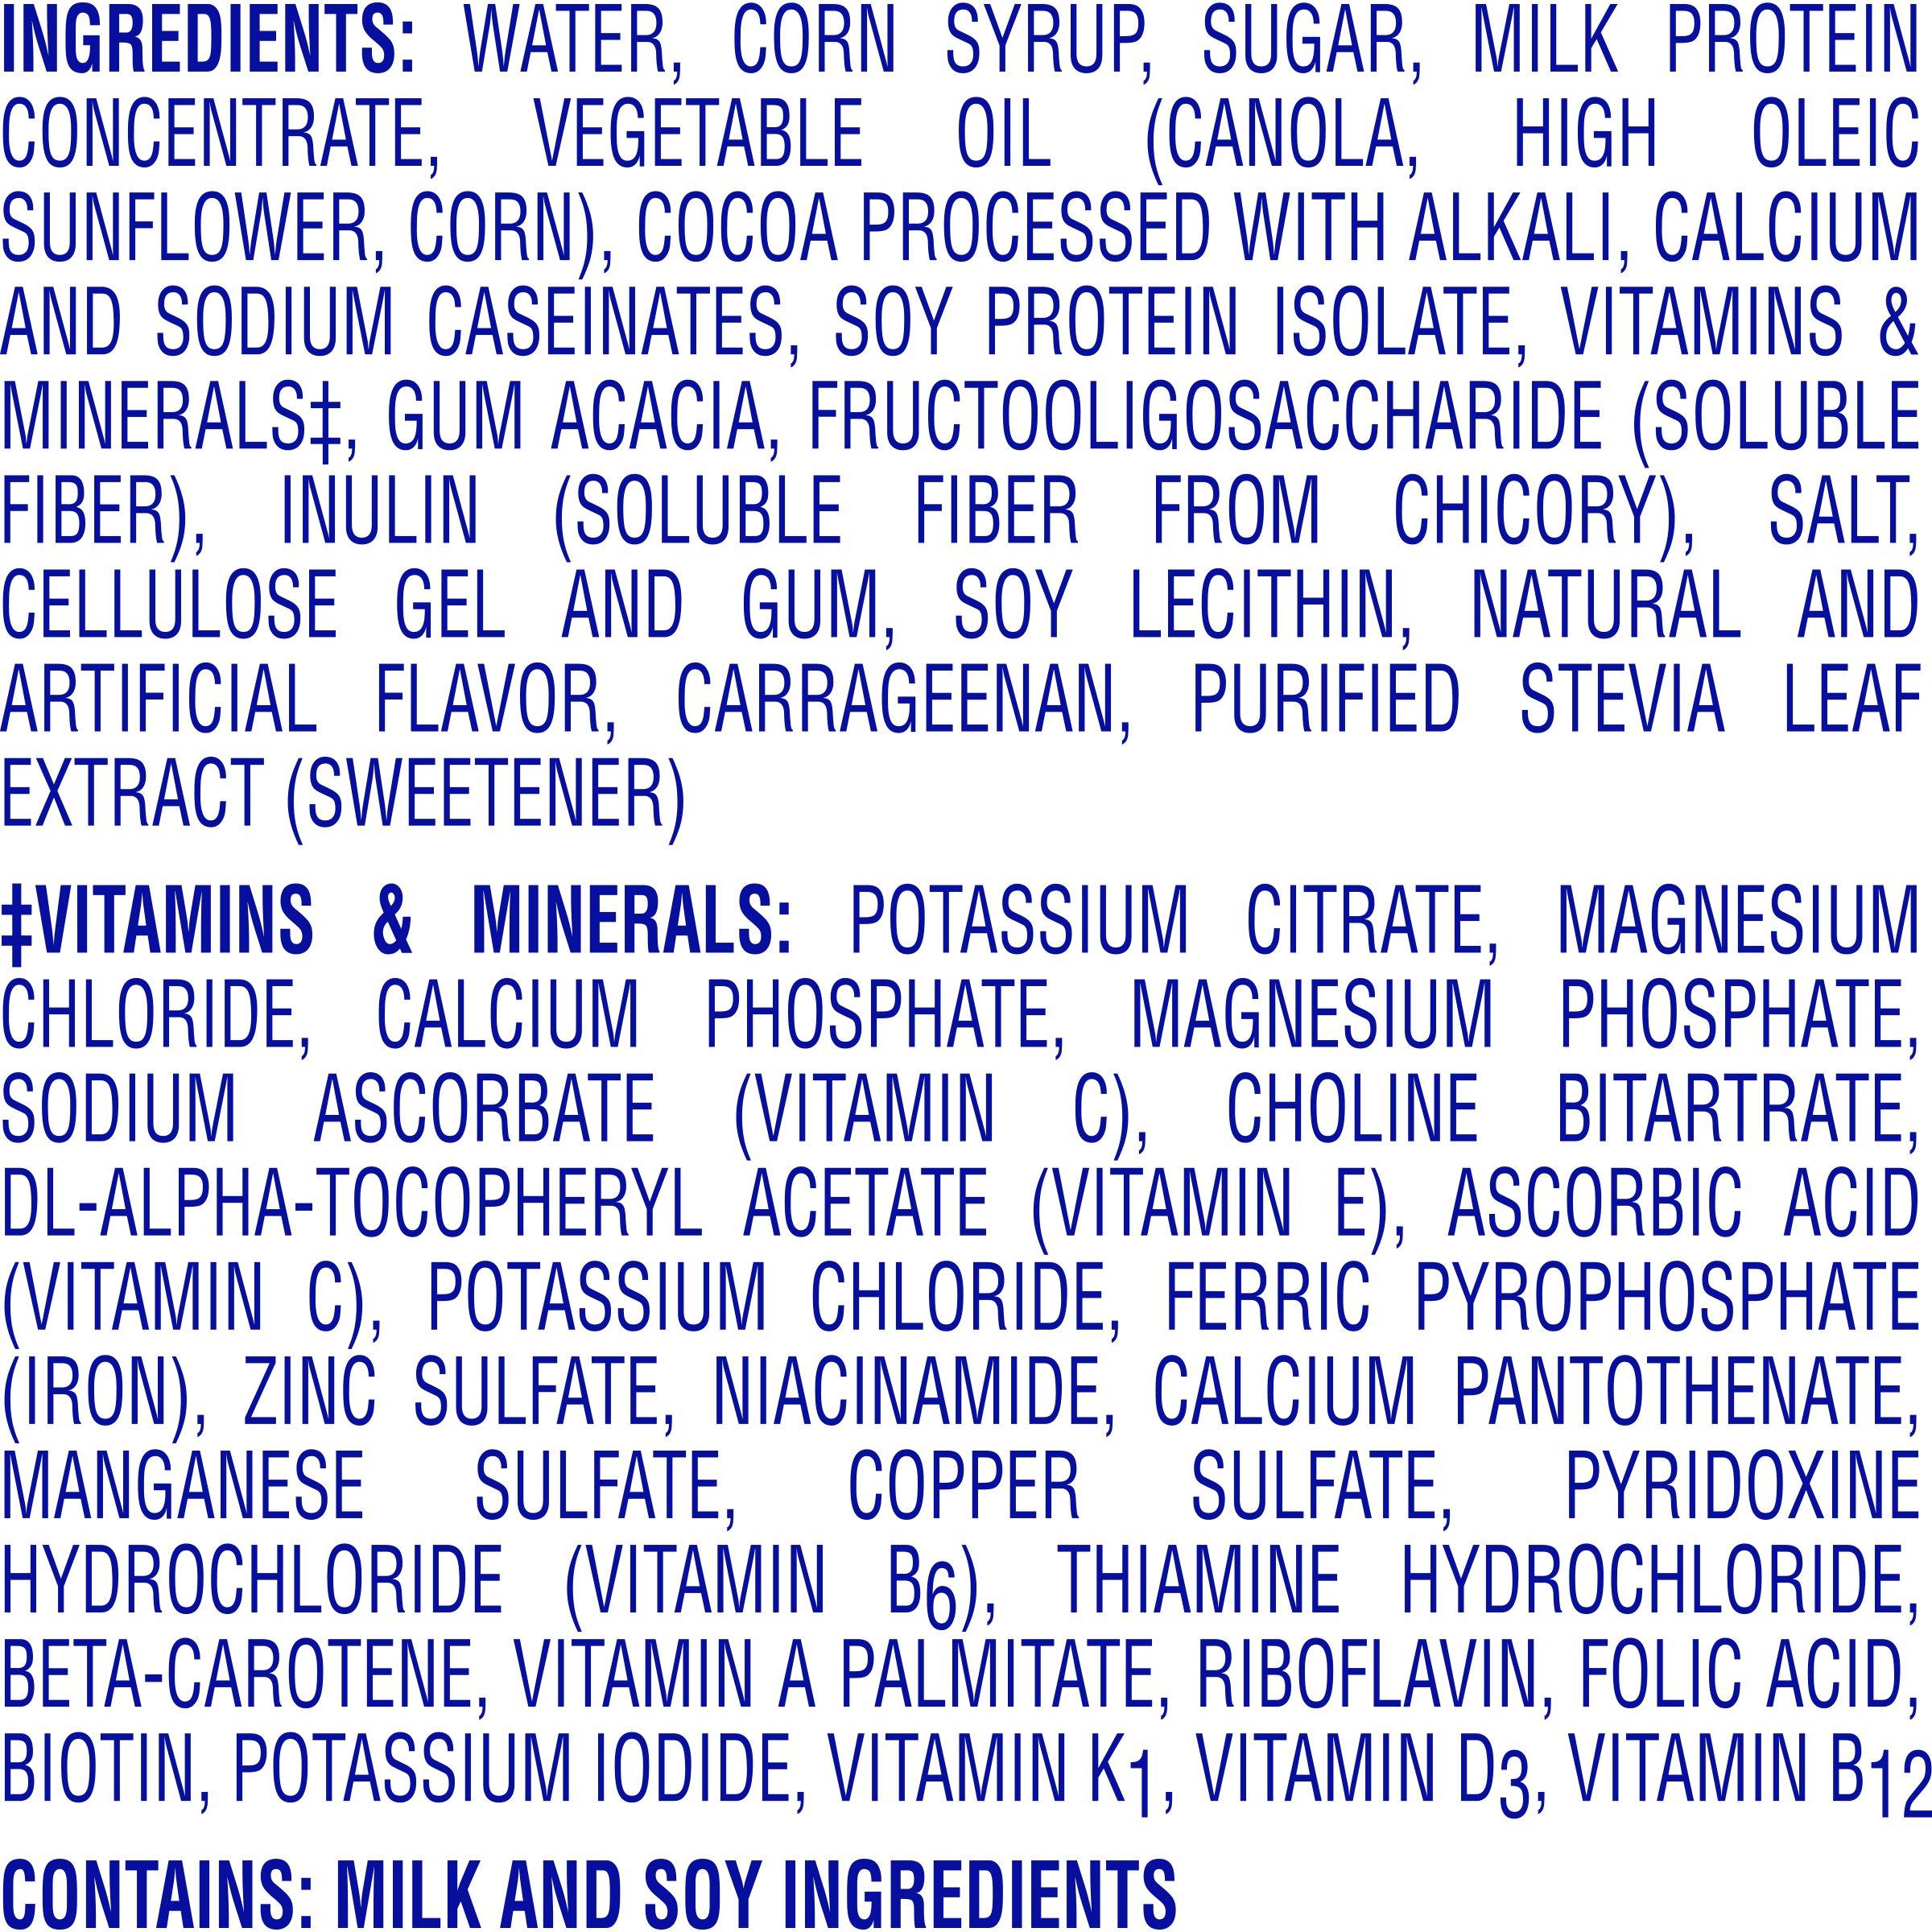 Carnation Breakfast Essentials High Protein Ready-to-Drink, Rich Milk Chocolate, 8 fl oz Bottle, 24 Pack by Carnation Breakfast Essentials